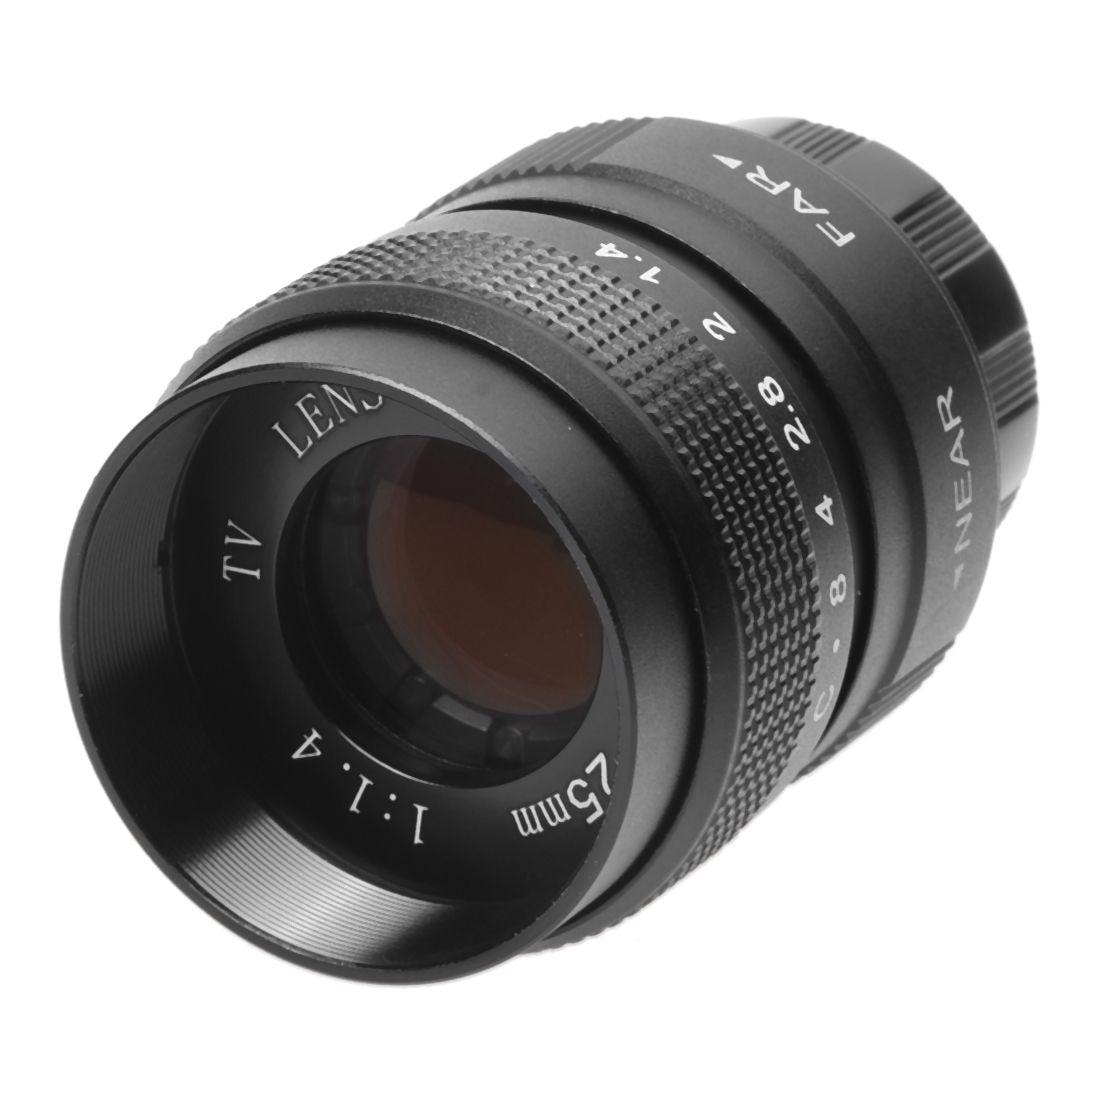 Lente da tevê 25mm f/1.4 na lente da c-montagem para a tevê/câmeras do filme do cctv lente da televisão para a câmera 25mm f1.4 da montagem de c no preto